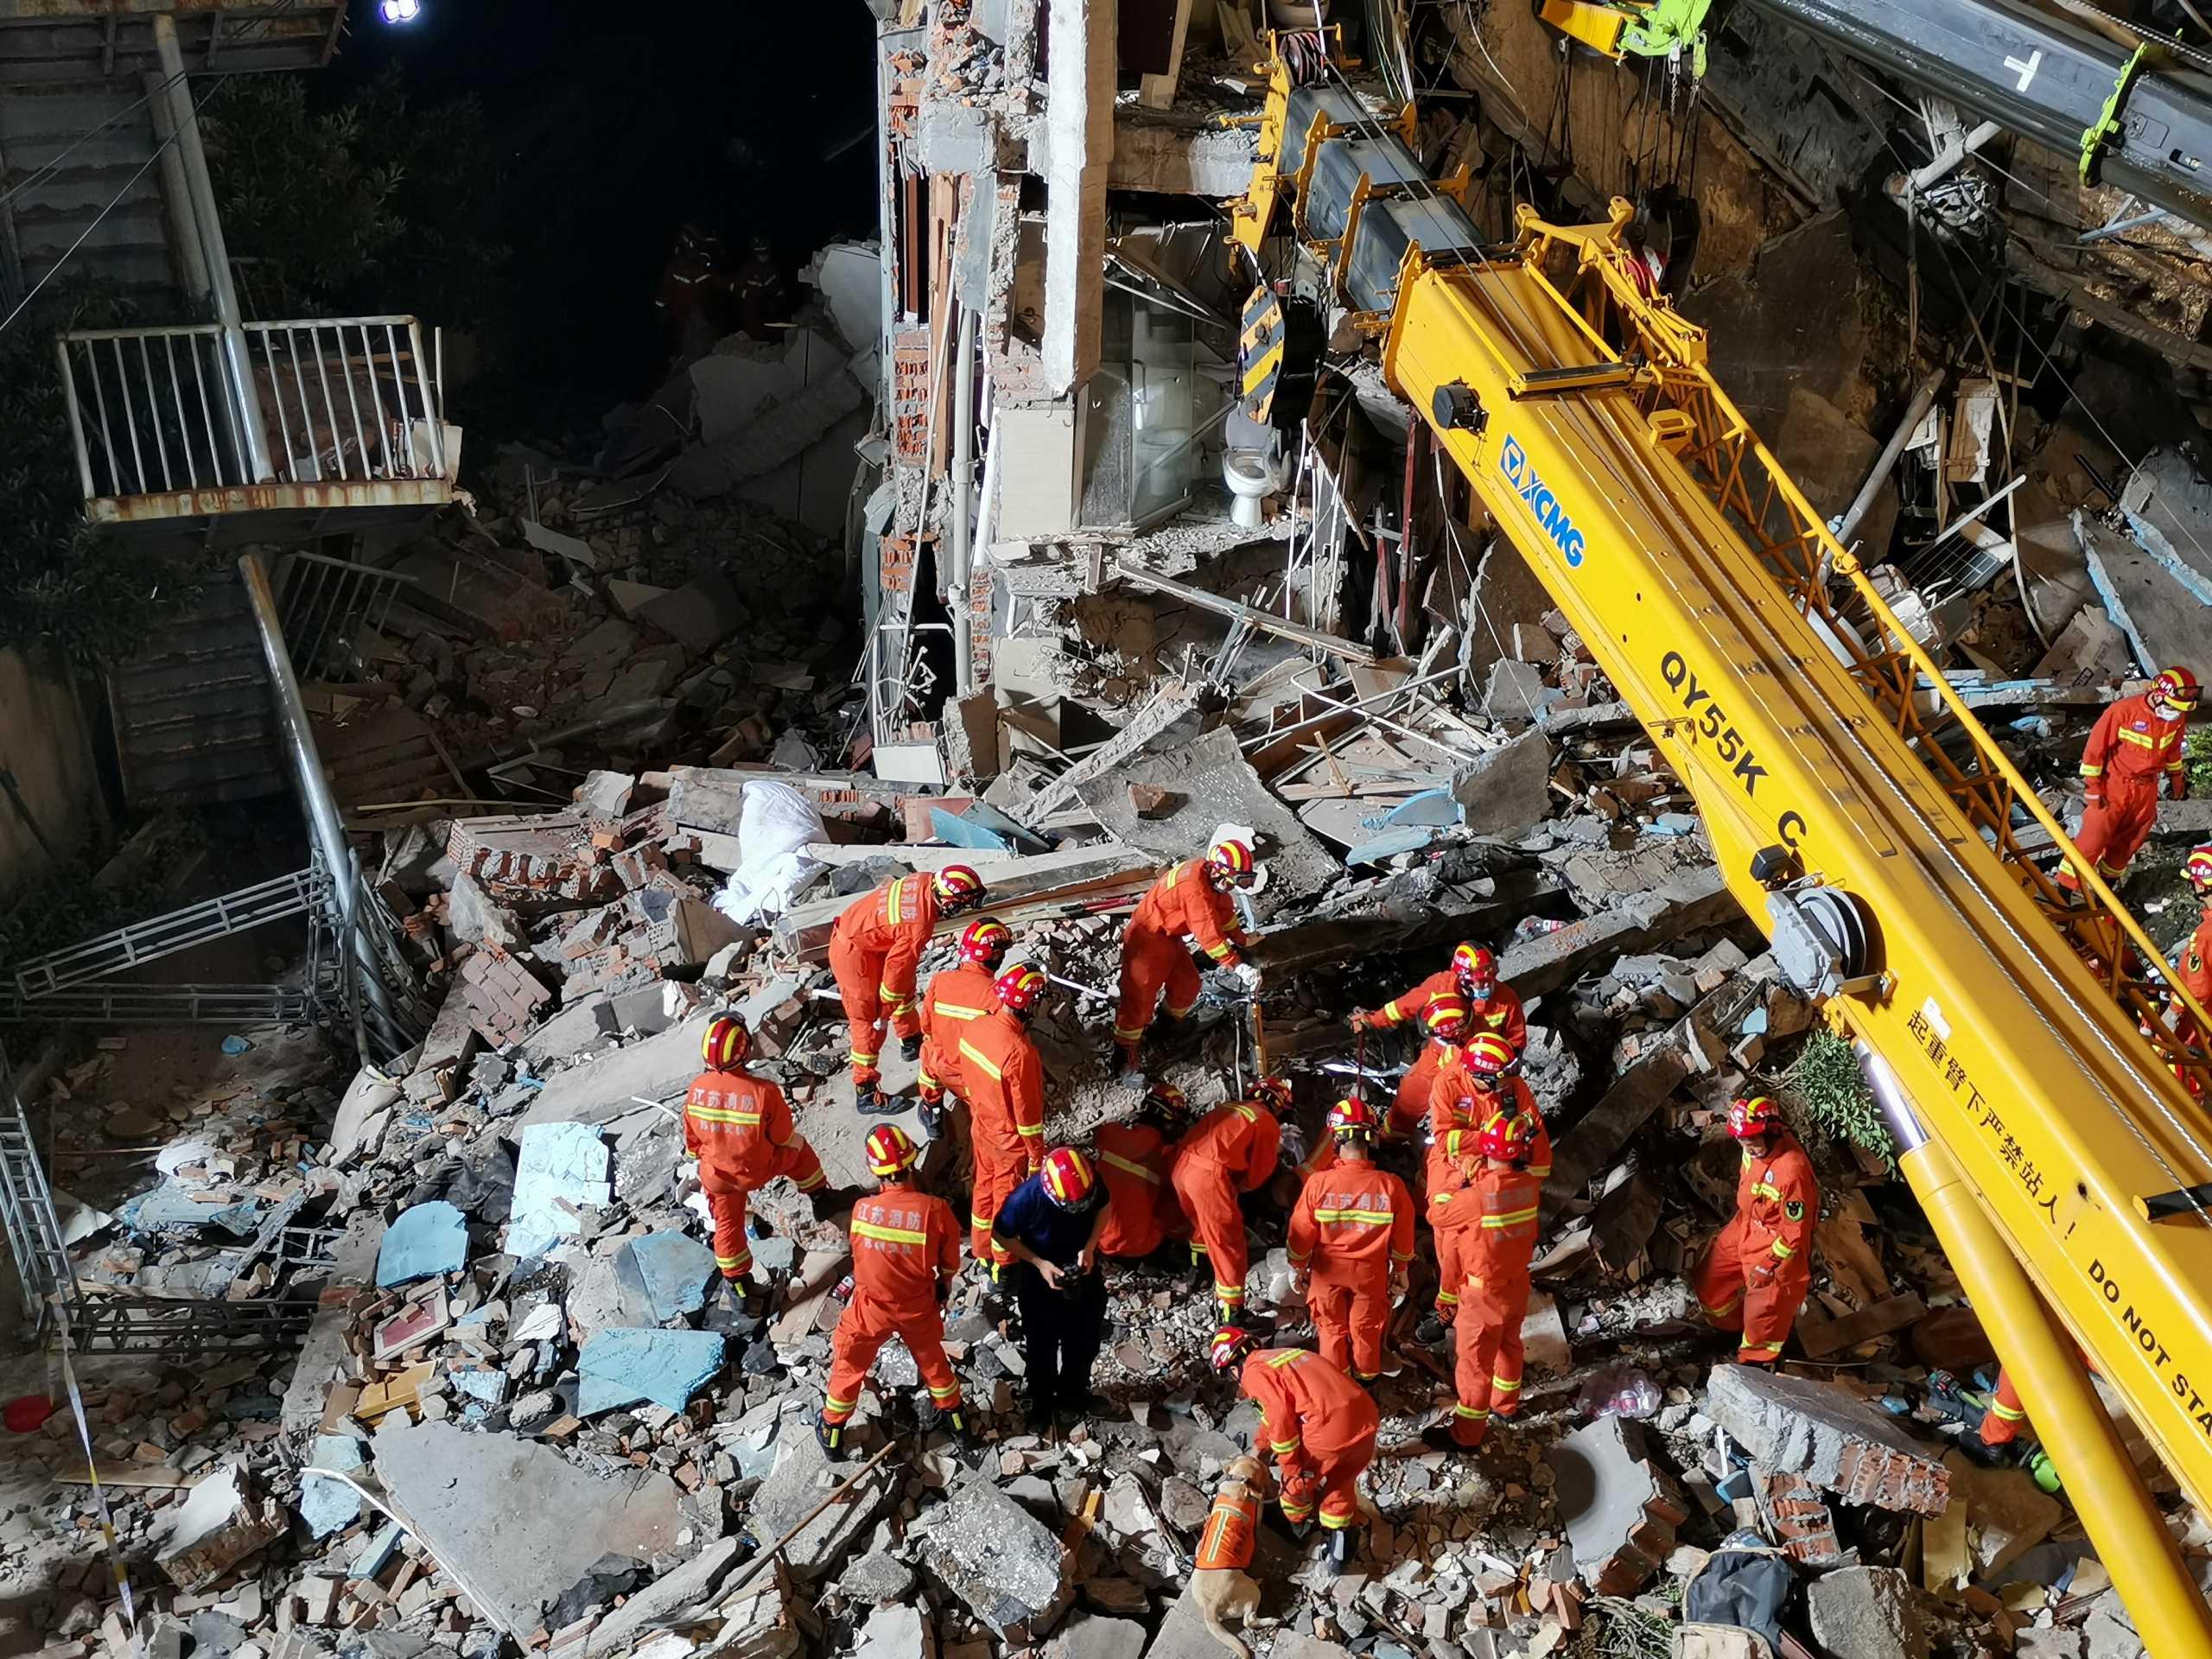 Κίνα: Στους 17 οι νεκροί από την κατάρρευση τμήματος ξενοδοχείου στην πόλη Σουτσόου